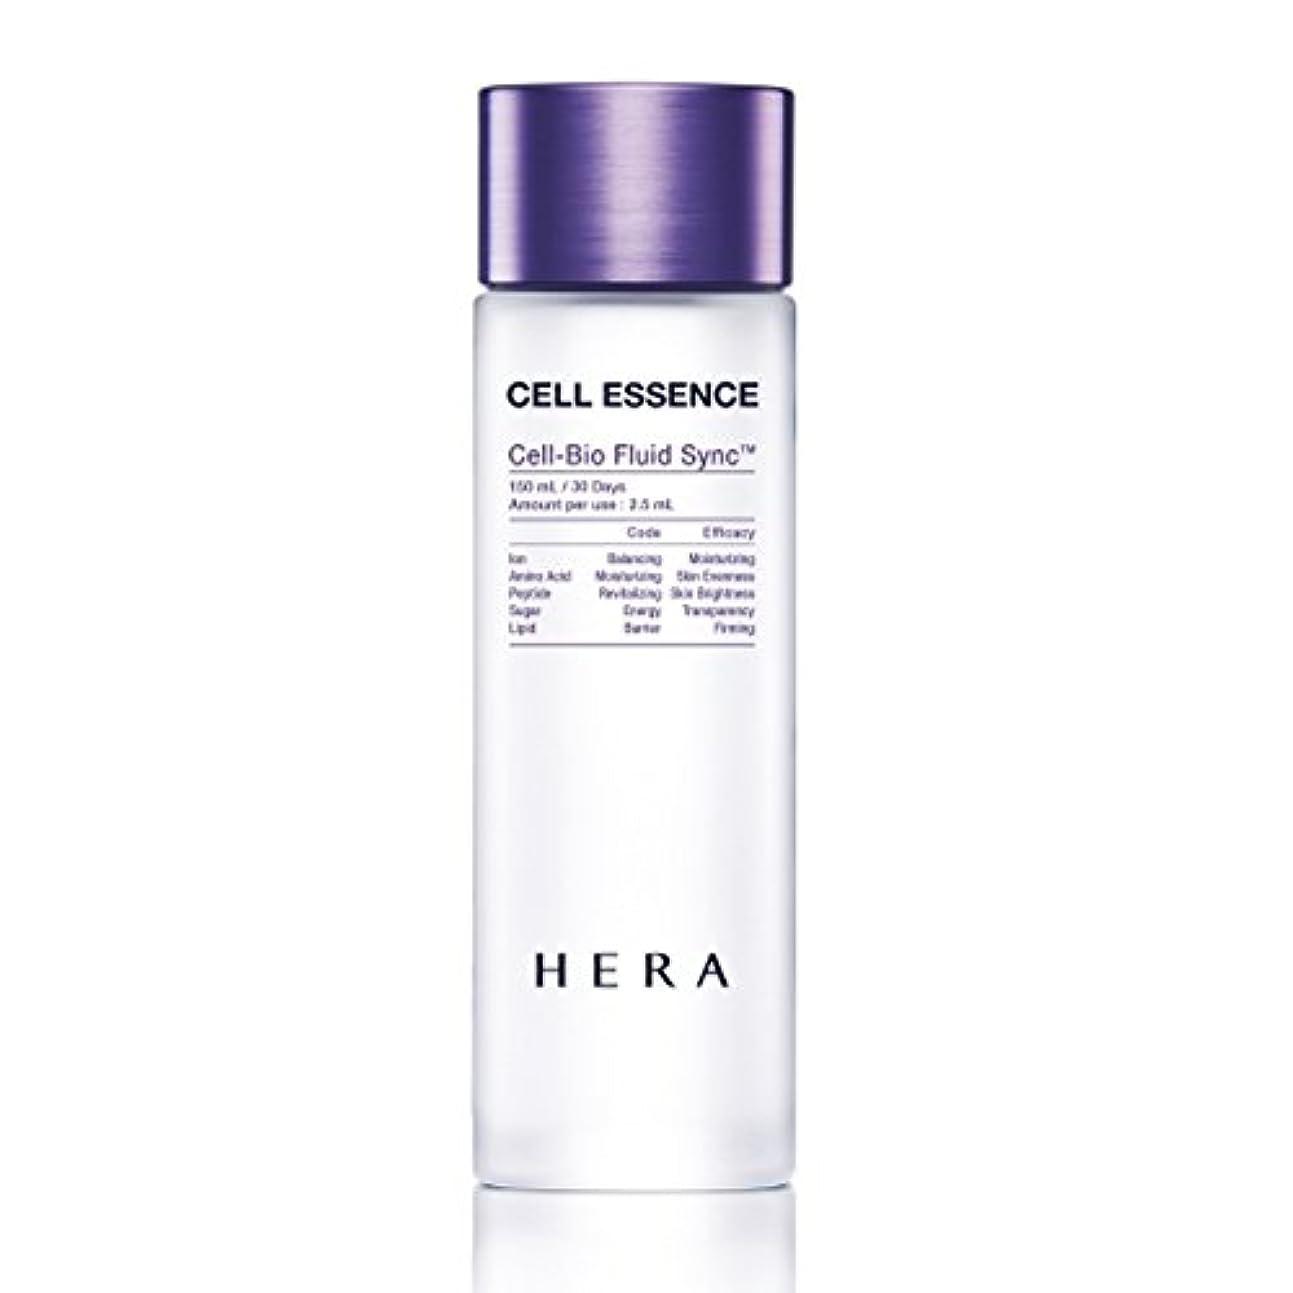 警戒費やすアボート[ヘラ/HERA]HERA CELL ESSENCE/ヘラ セル エッセンス 150ml【美容液】(海外直送品)